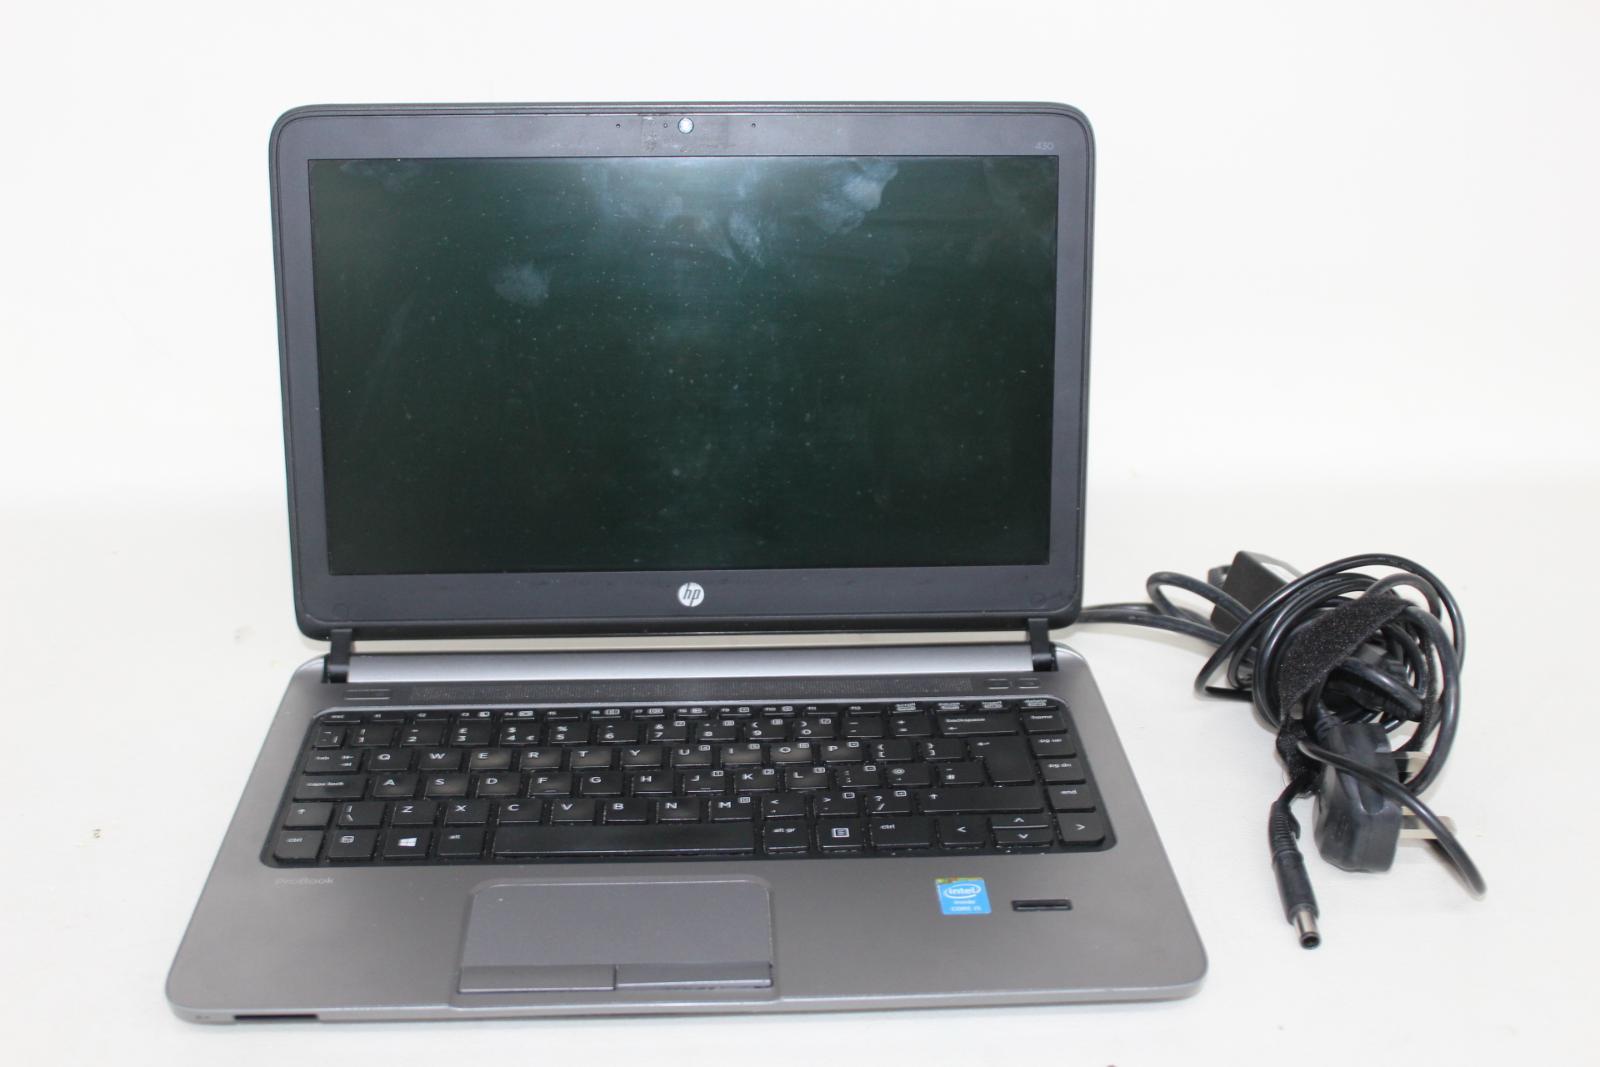 HP-ProBook-430-G1-IntelCore-i5-13-034-affichage-4-Go-RAM-Sans-Disque-Dur-Noir-Ordinateur-Portable miniature 2